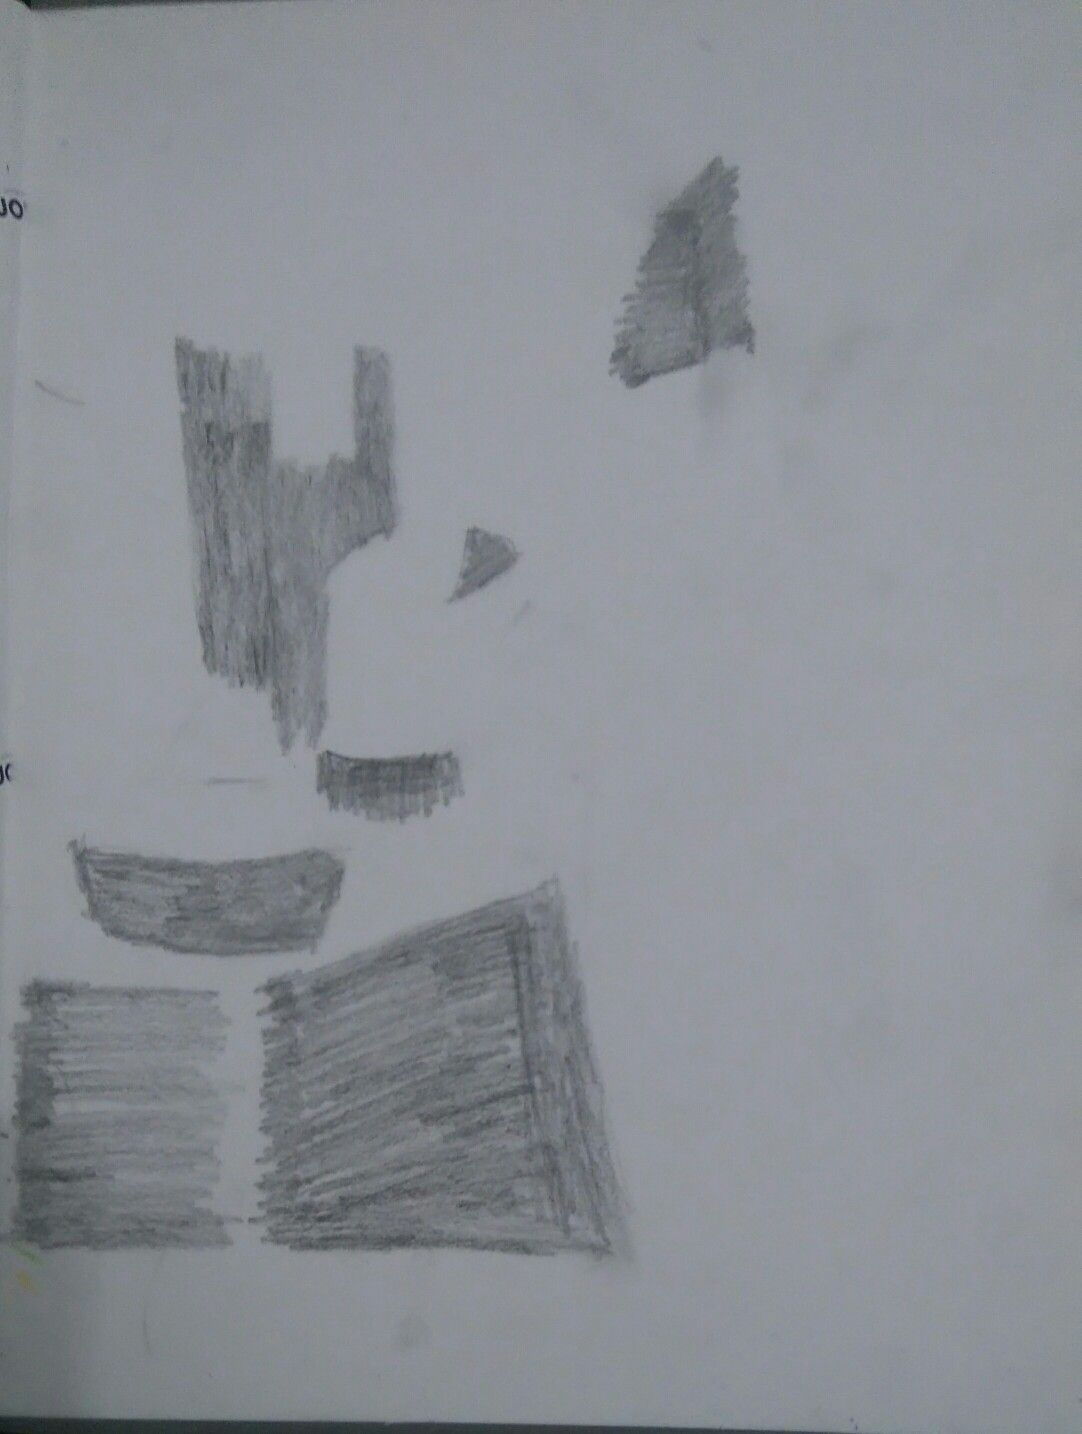 O terceiro passo foi o das massas sob a imagem. De forma a reunir os espaços de maior volume na imagem